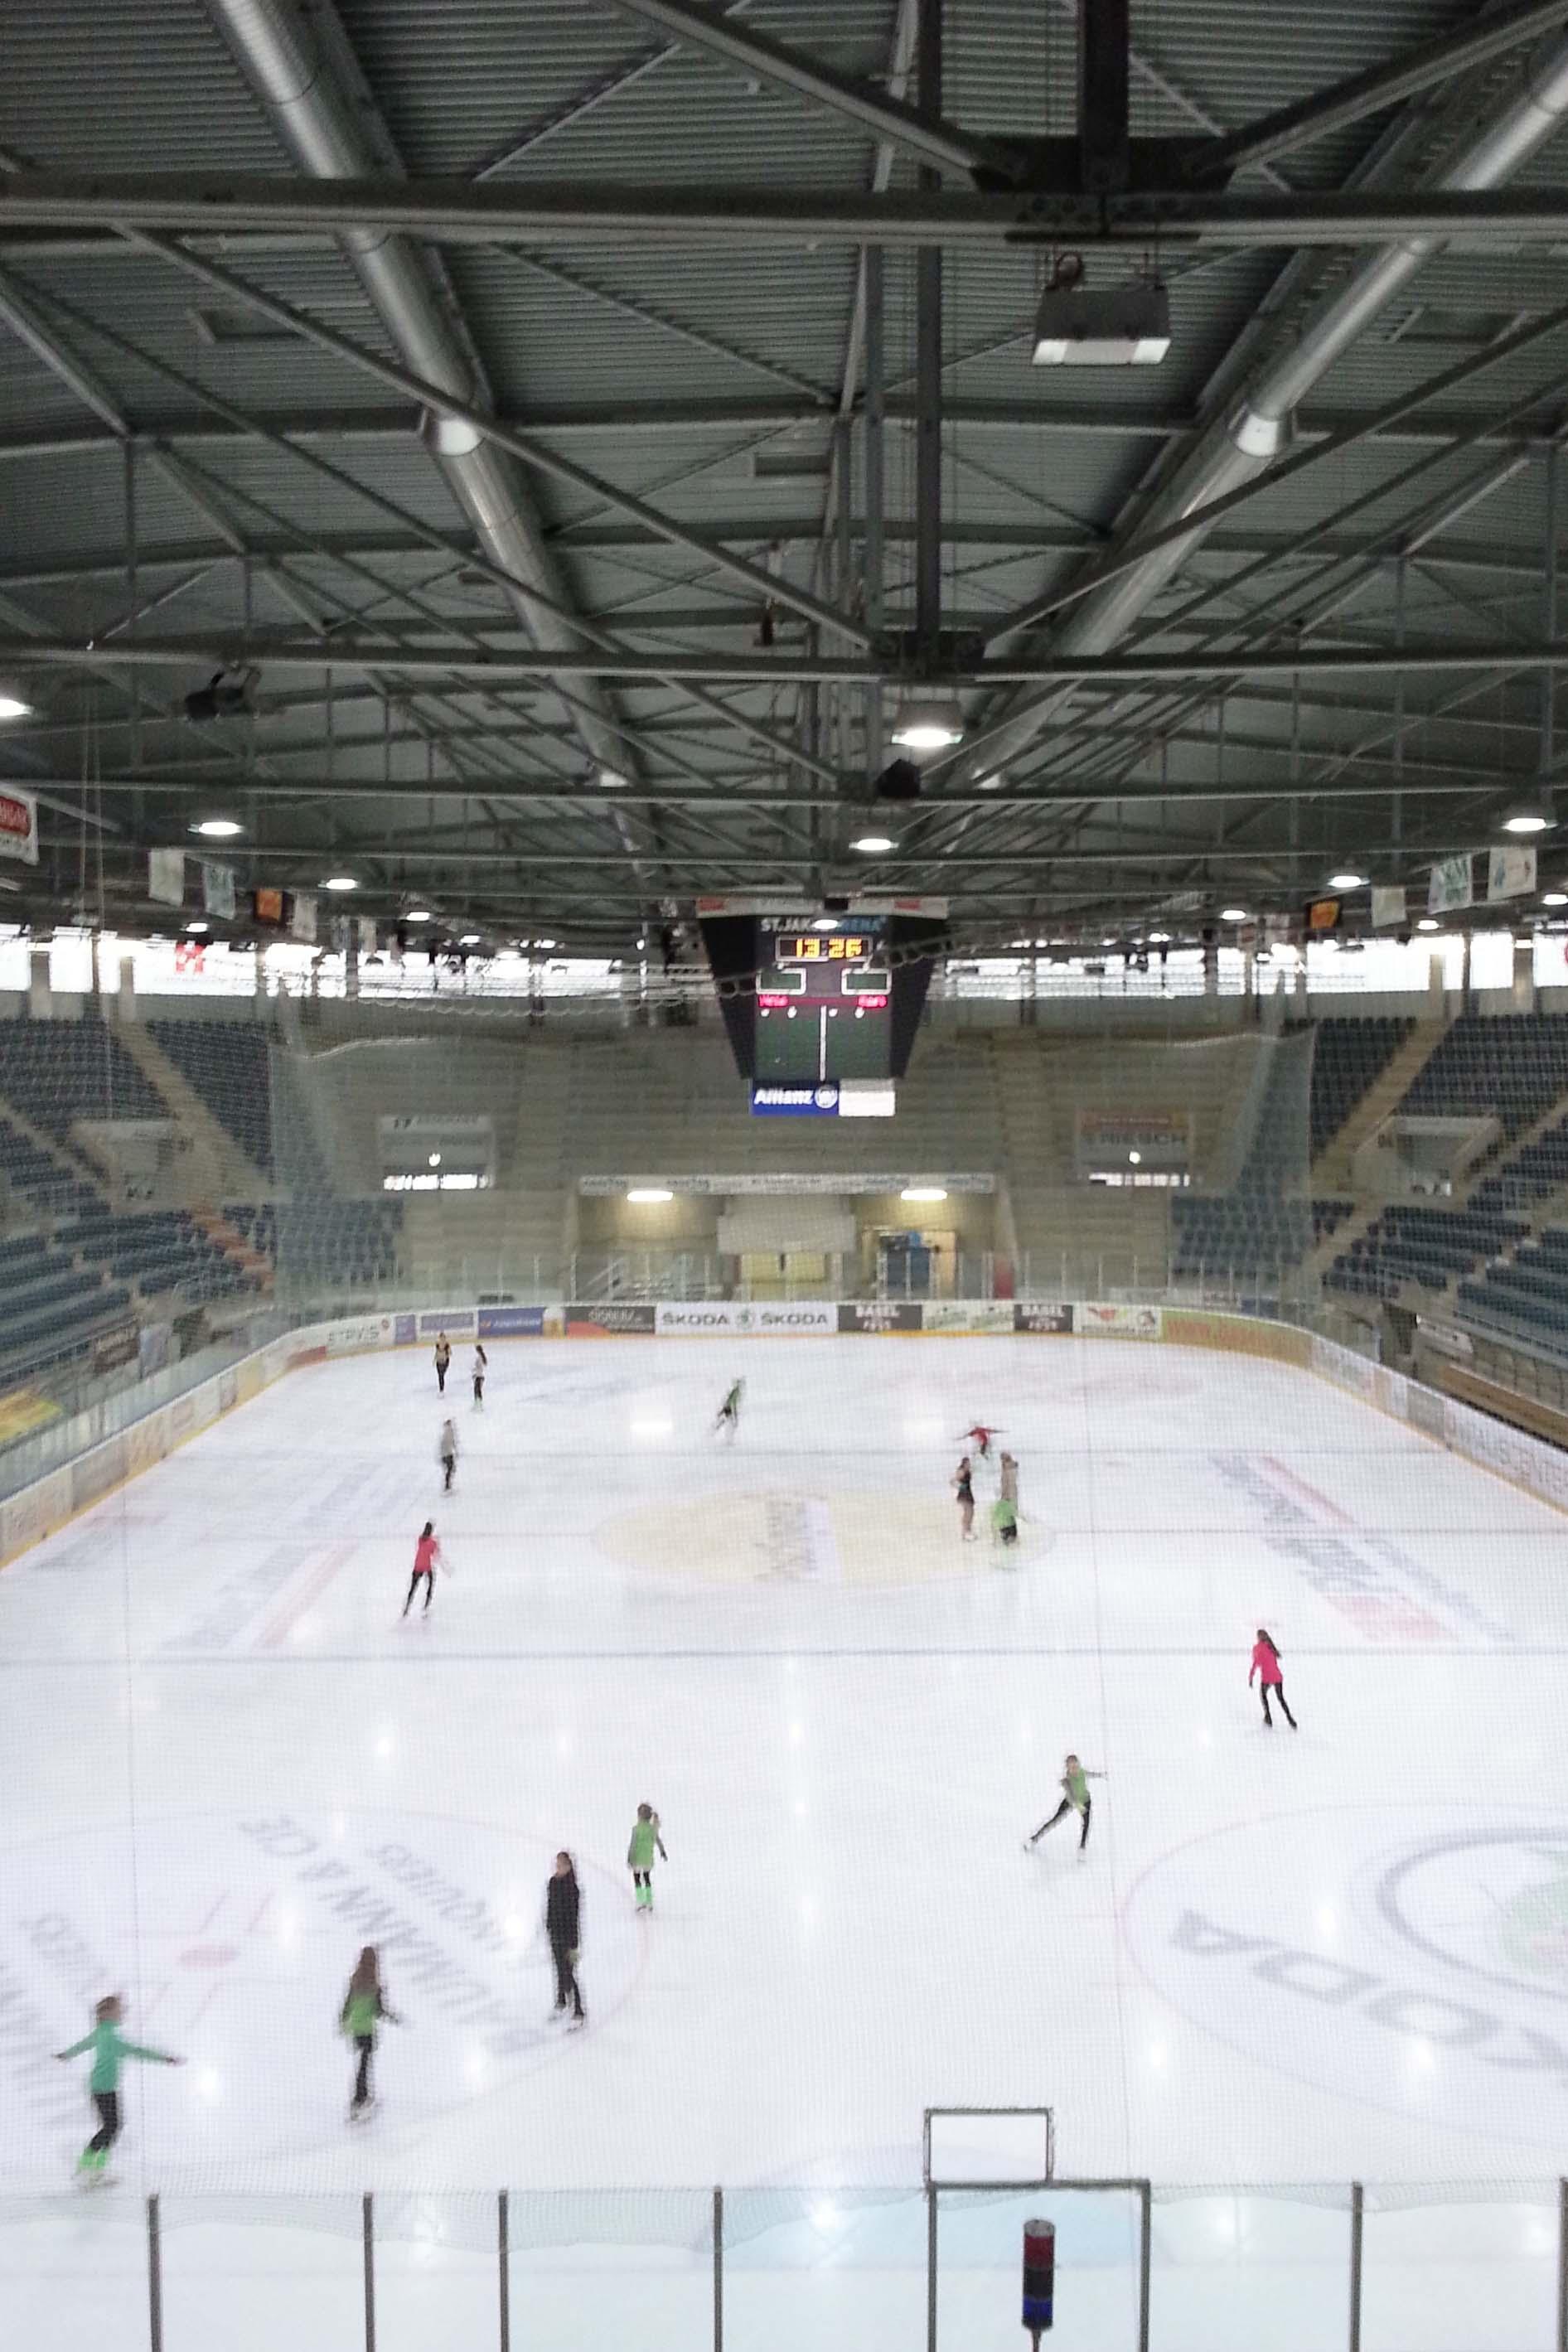 Bild der Eisfläche in der Eissporthalle St. Jakob-Arena (Foto: California Hockey)